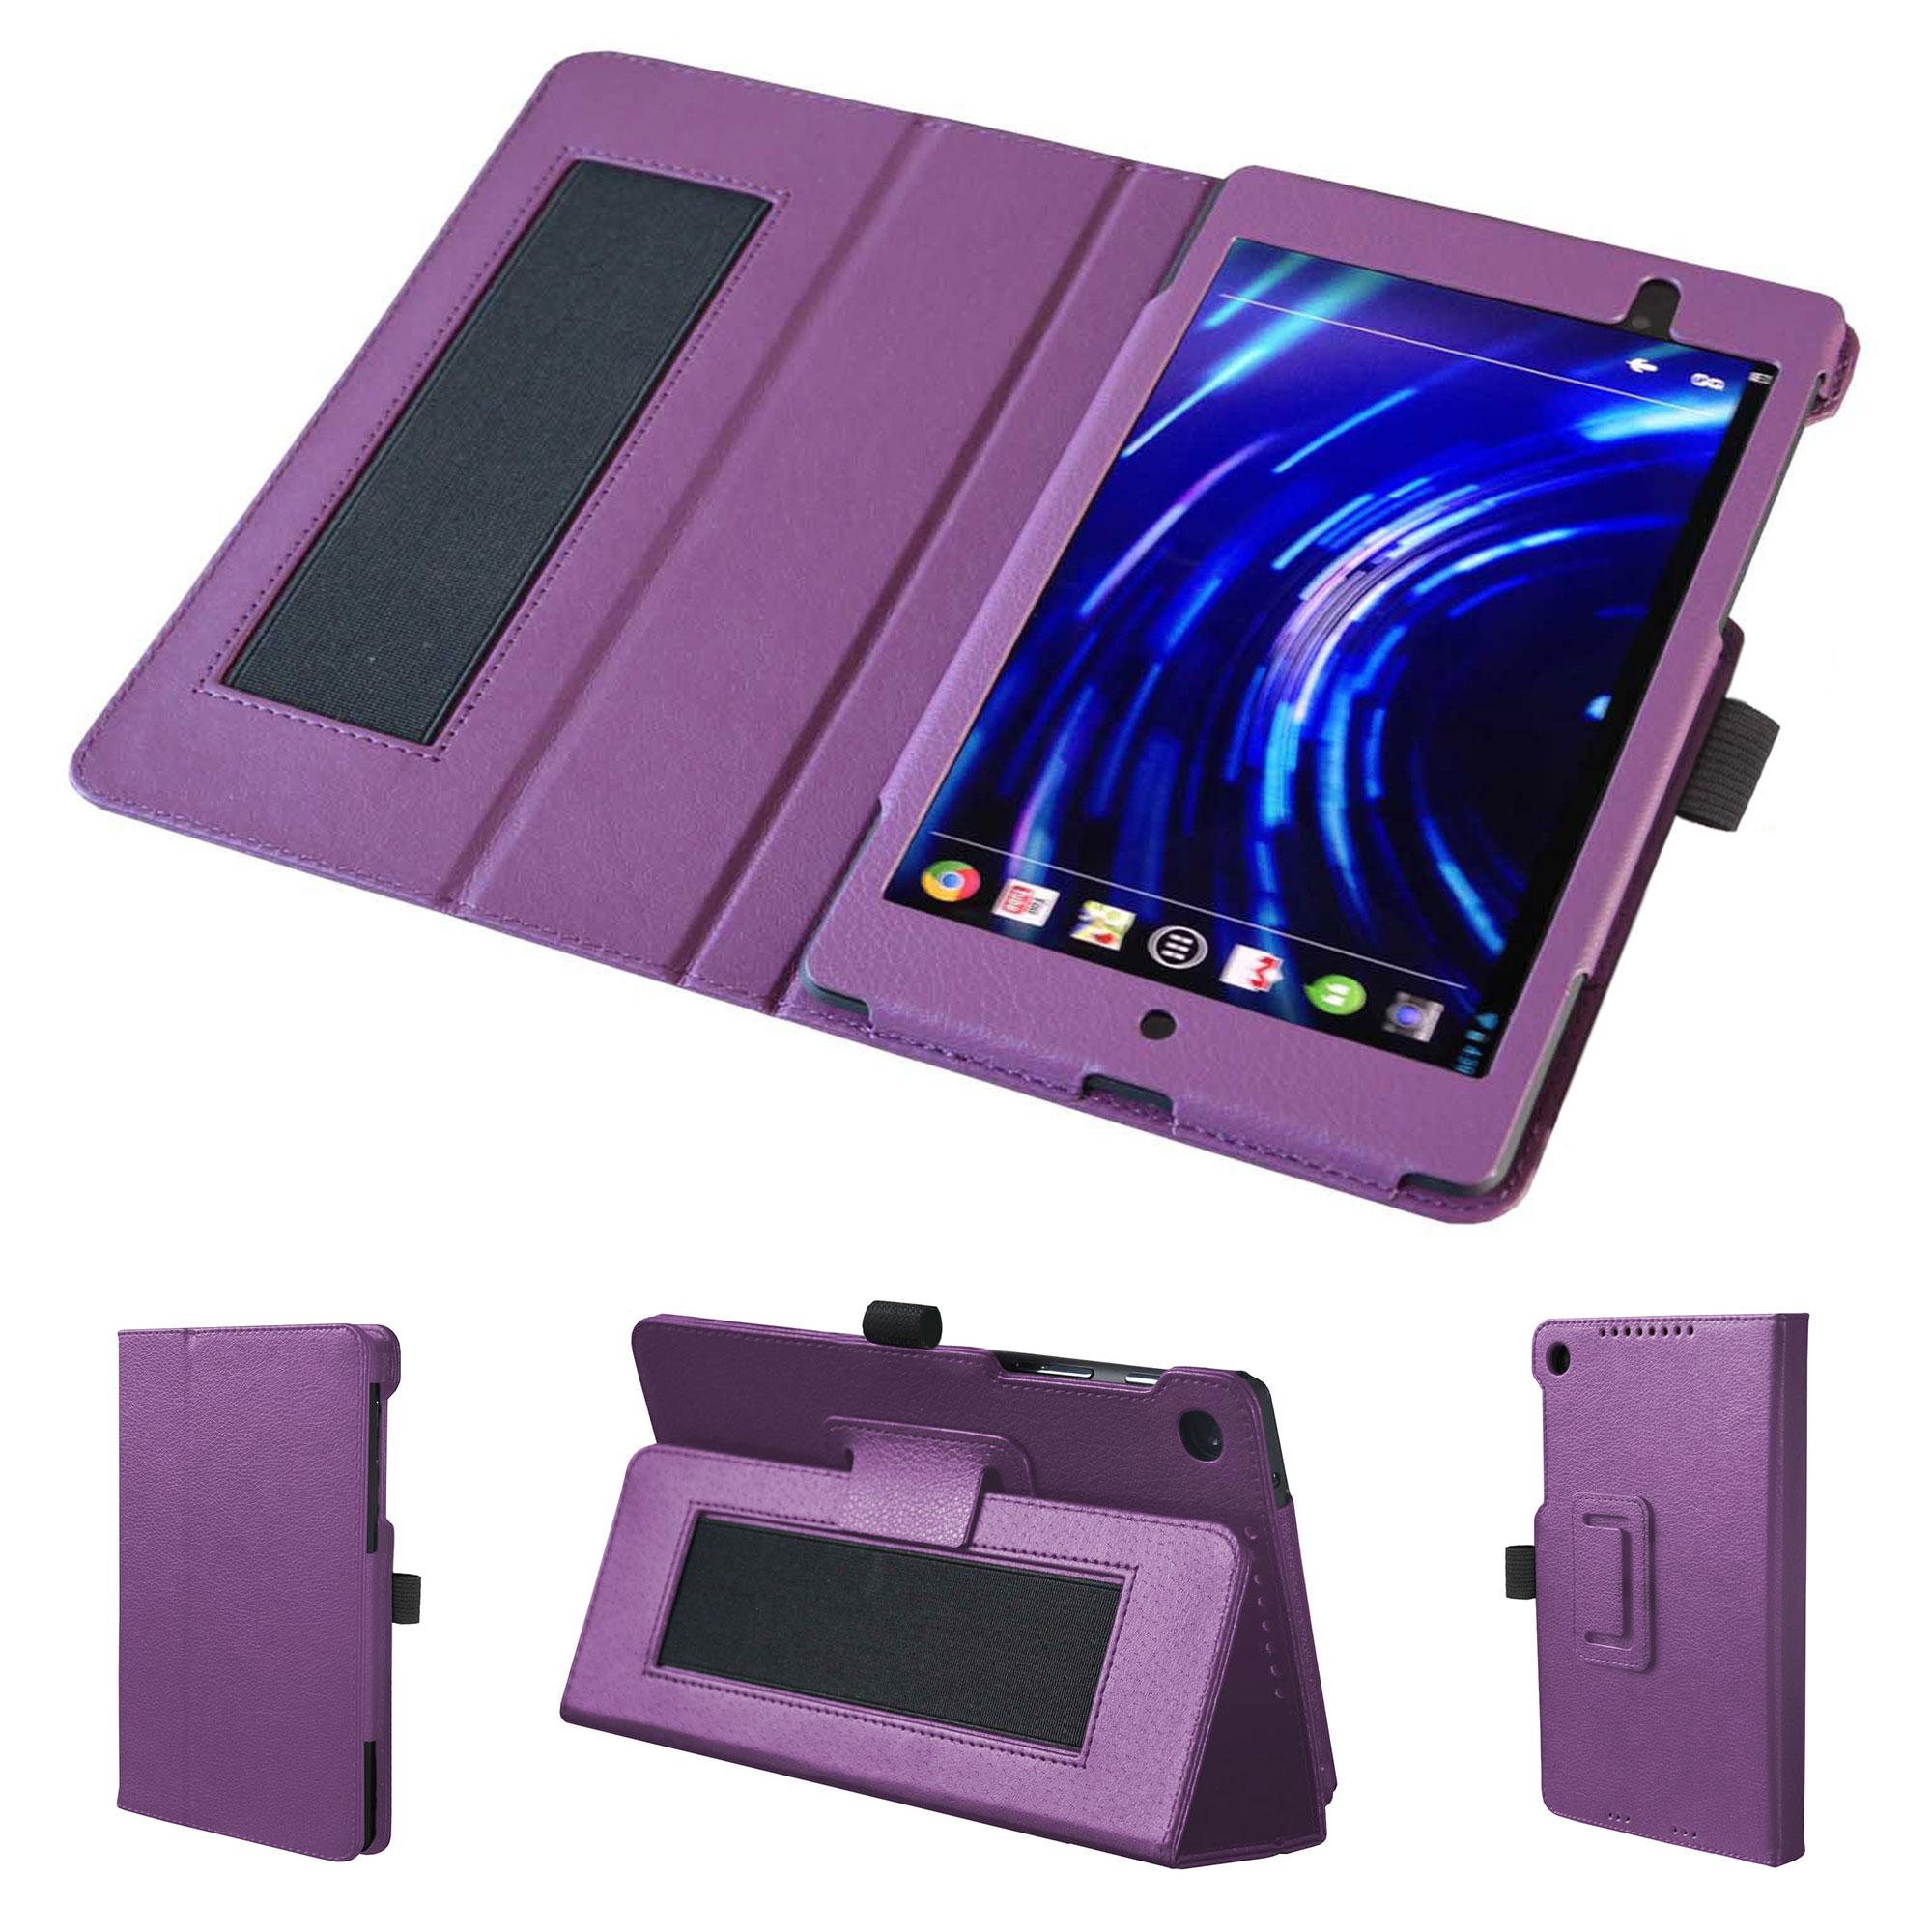 duragadgetfr Etui violet pour tablette Android Google Nexus 7 2 / 7